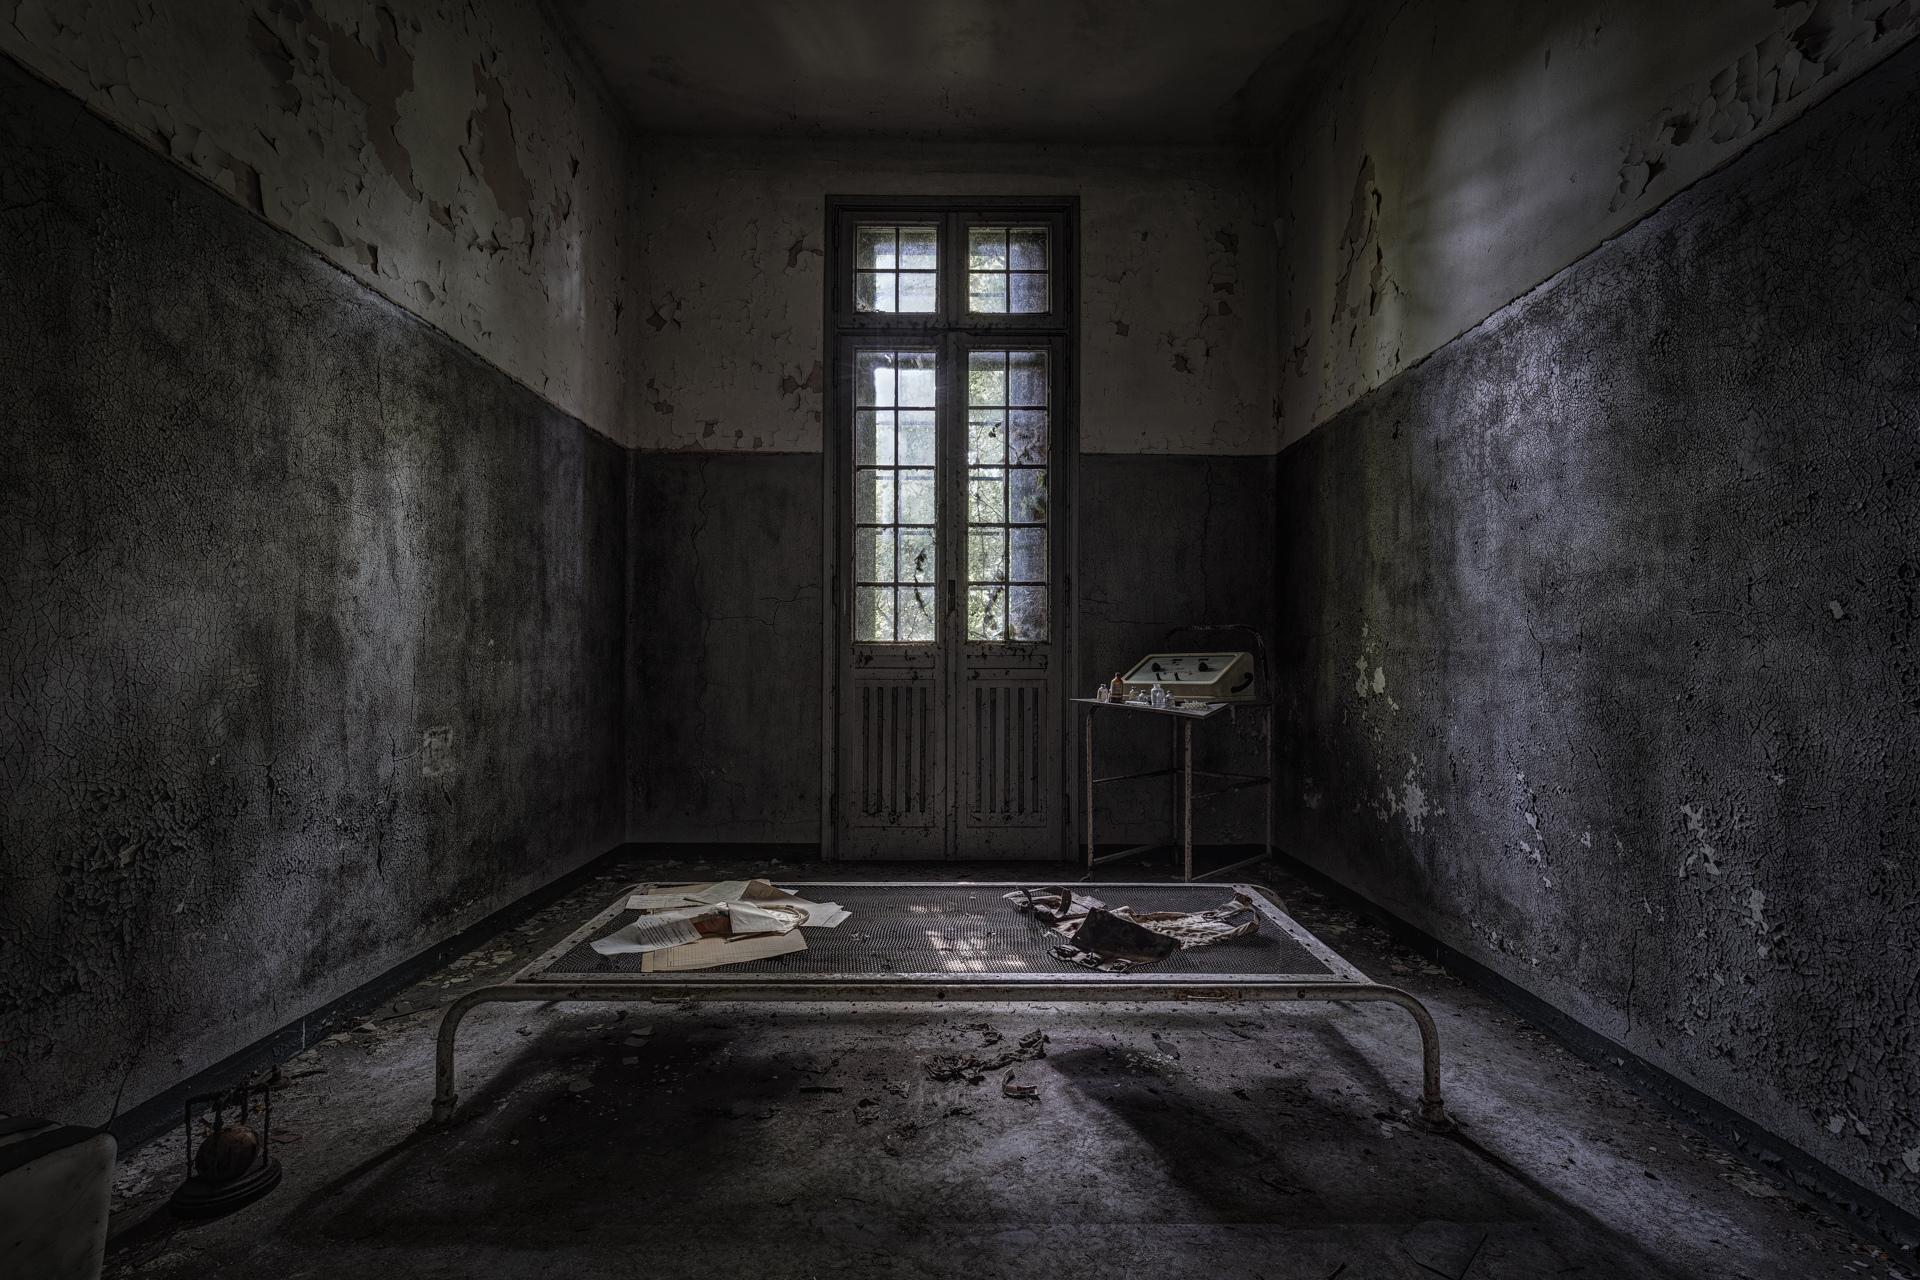 Urban Exploration - Manicomio Vendetta - The Cell